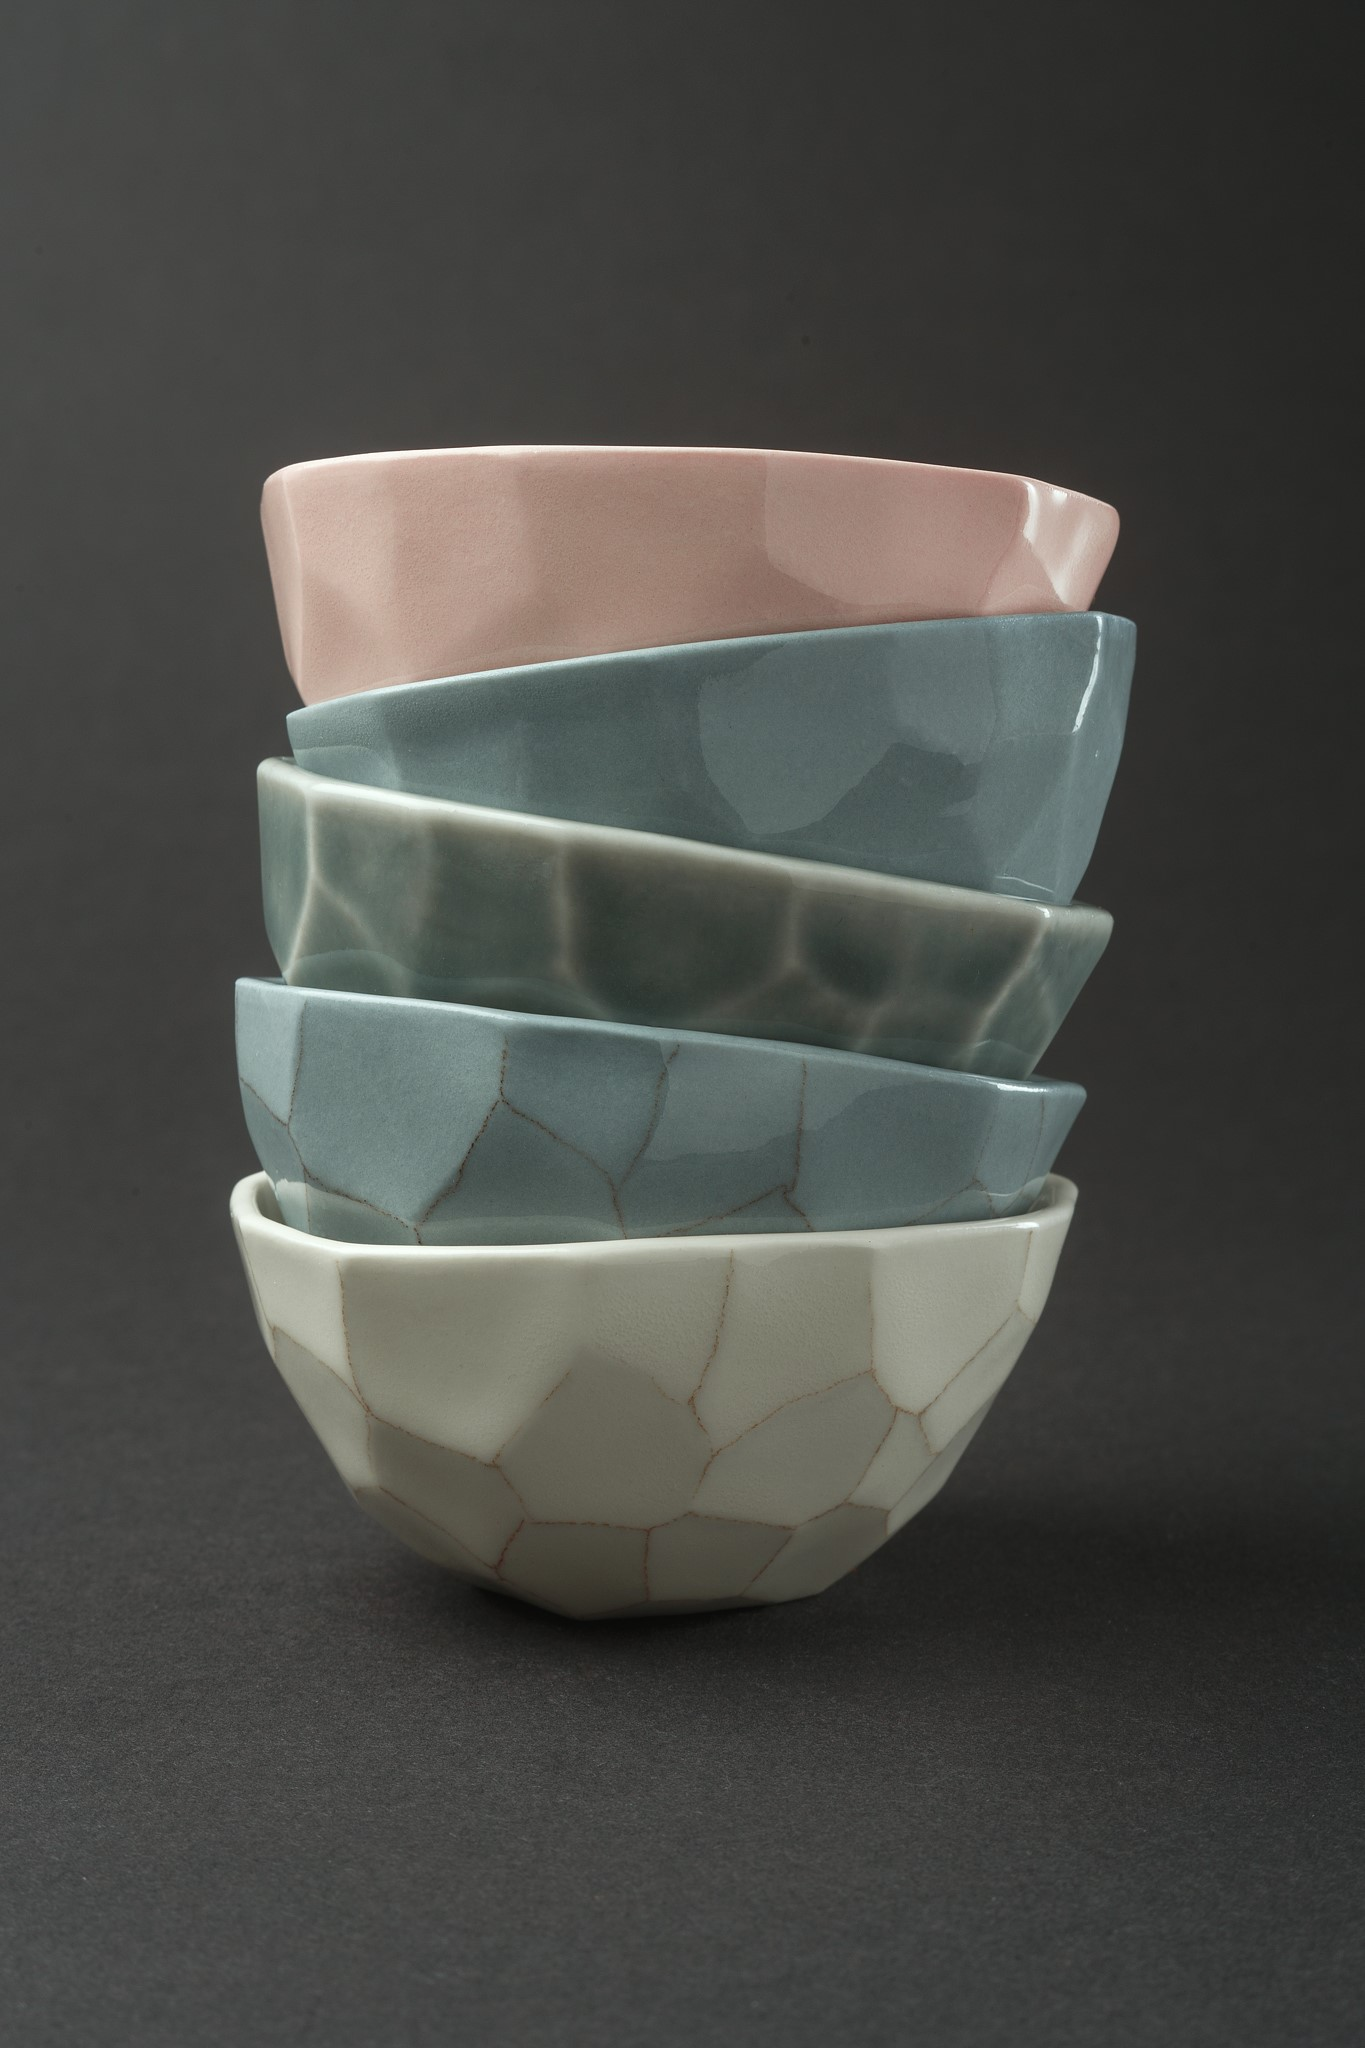 Becher aus Porzellan & Keramik skandinavisches Design